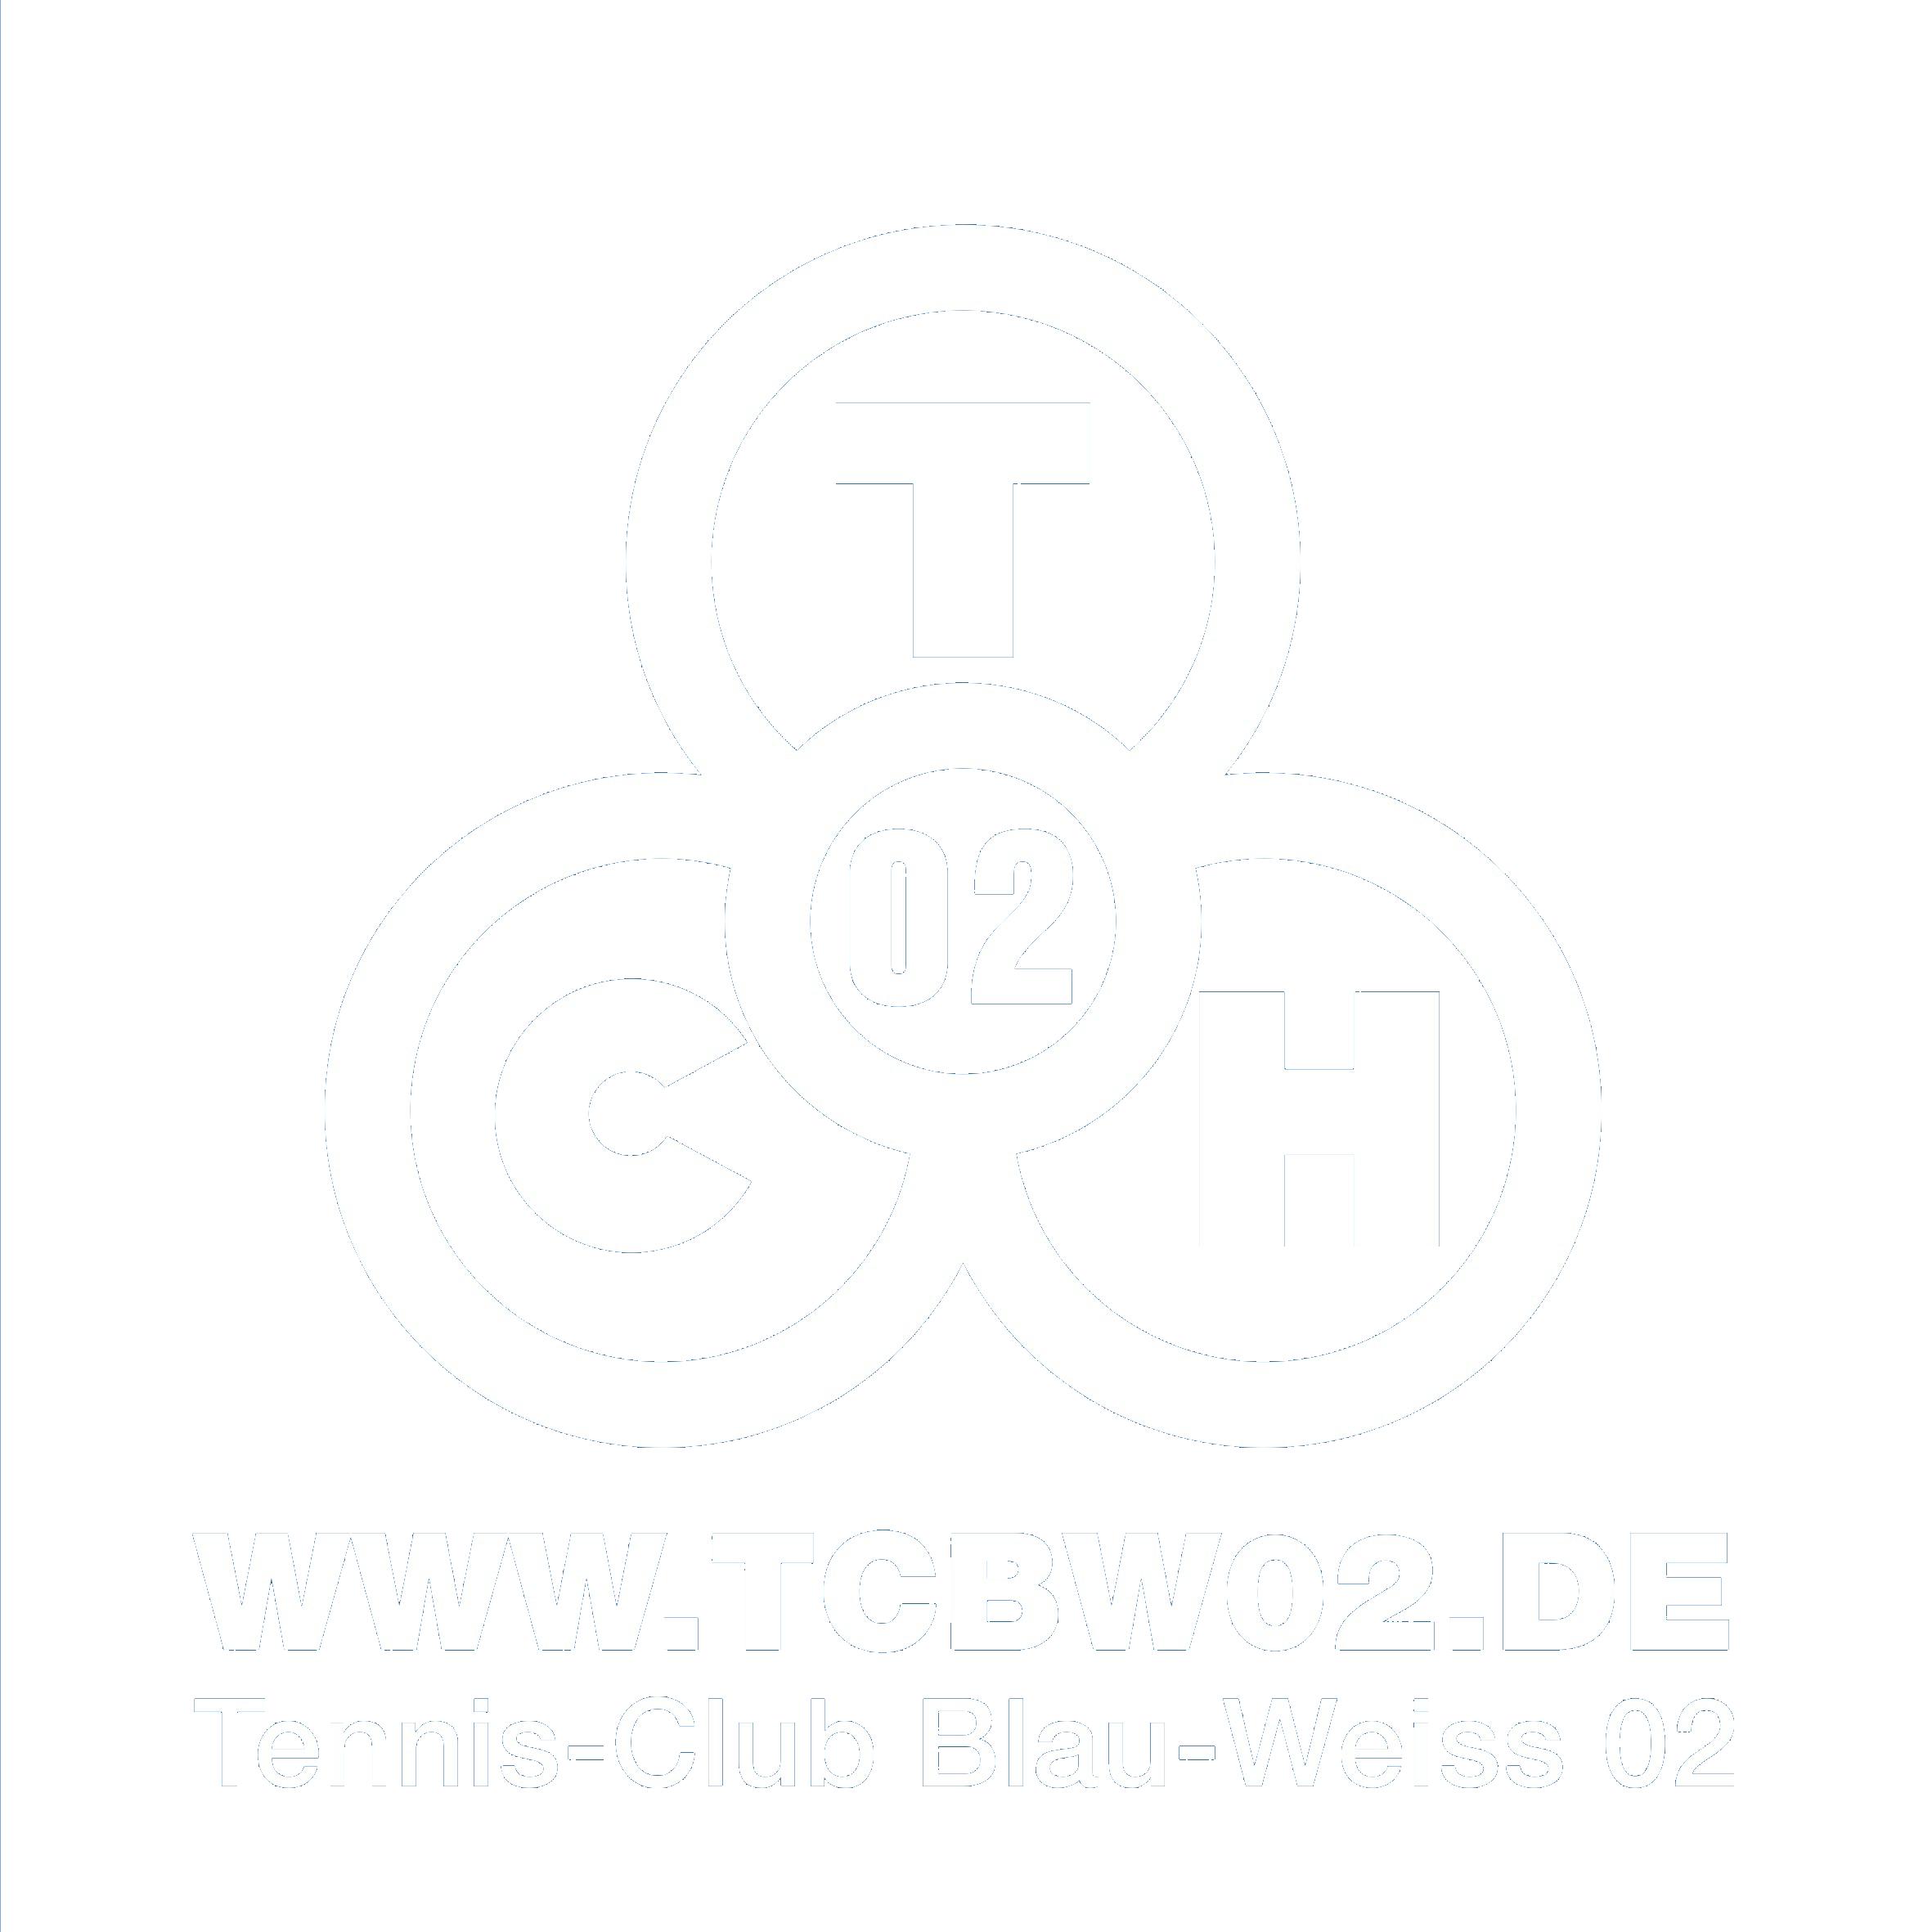 TC Blau-Weiss 02 Heiligenhaus e.V.